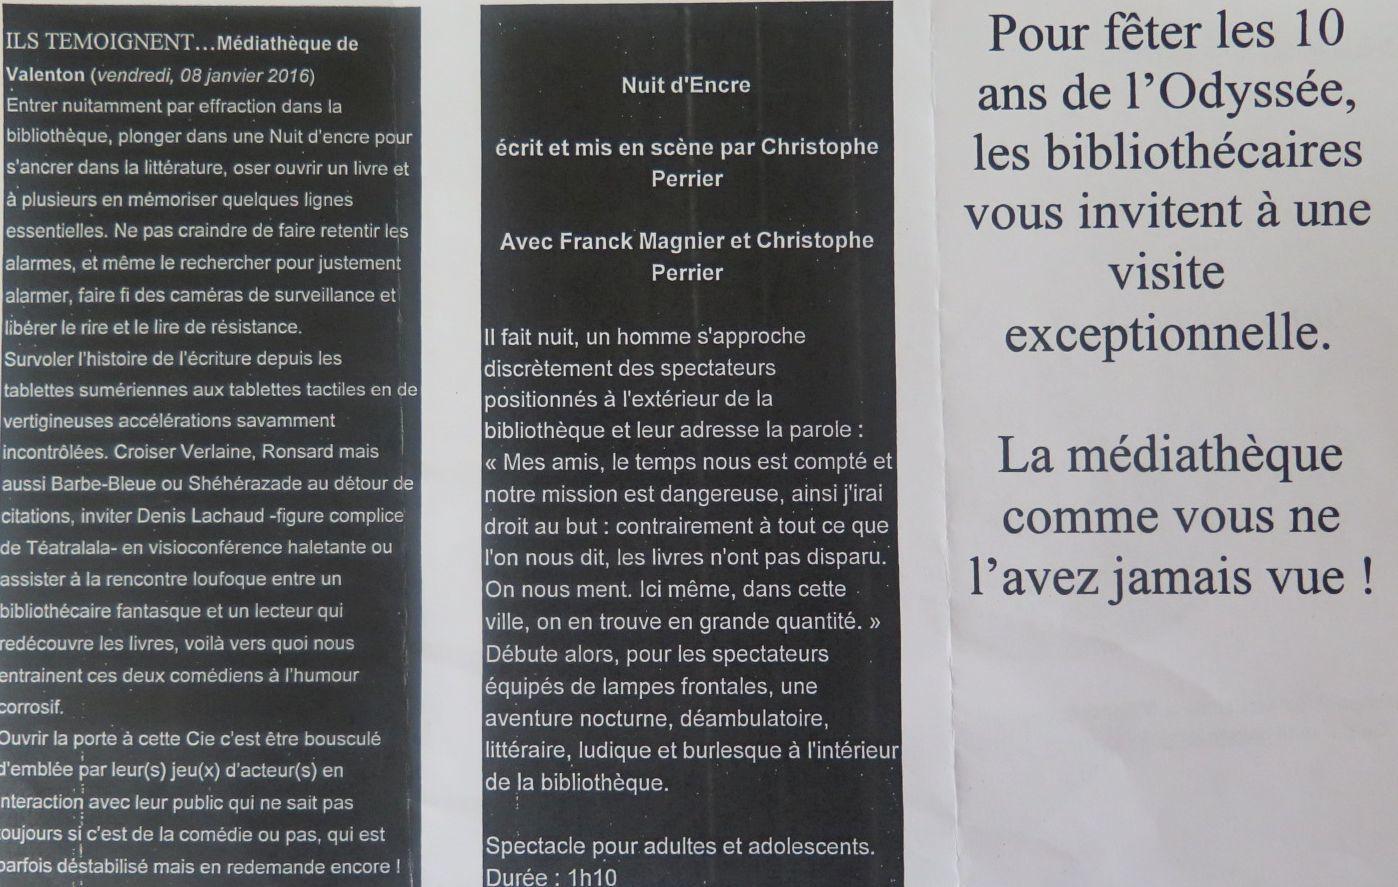 LES  10 ANS DE L'ODYSSÉE-Nuit d'Encre.